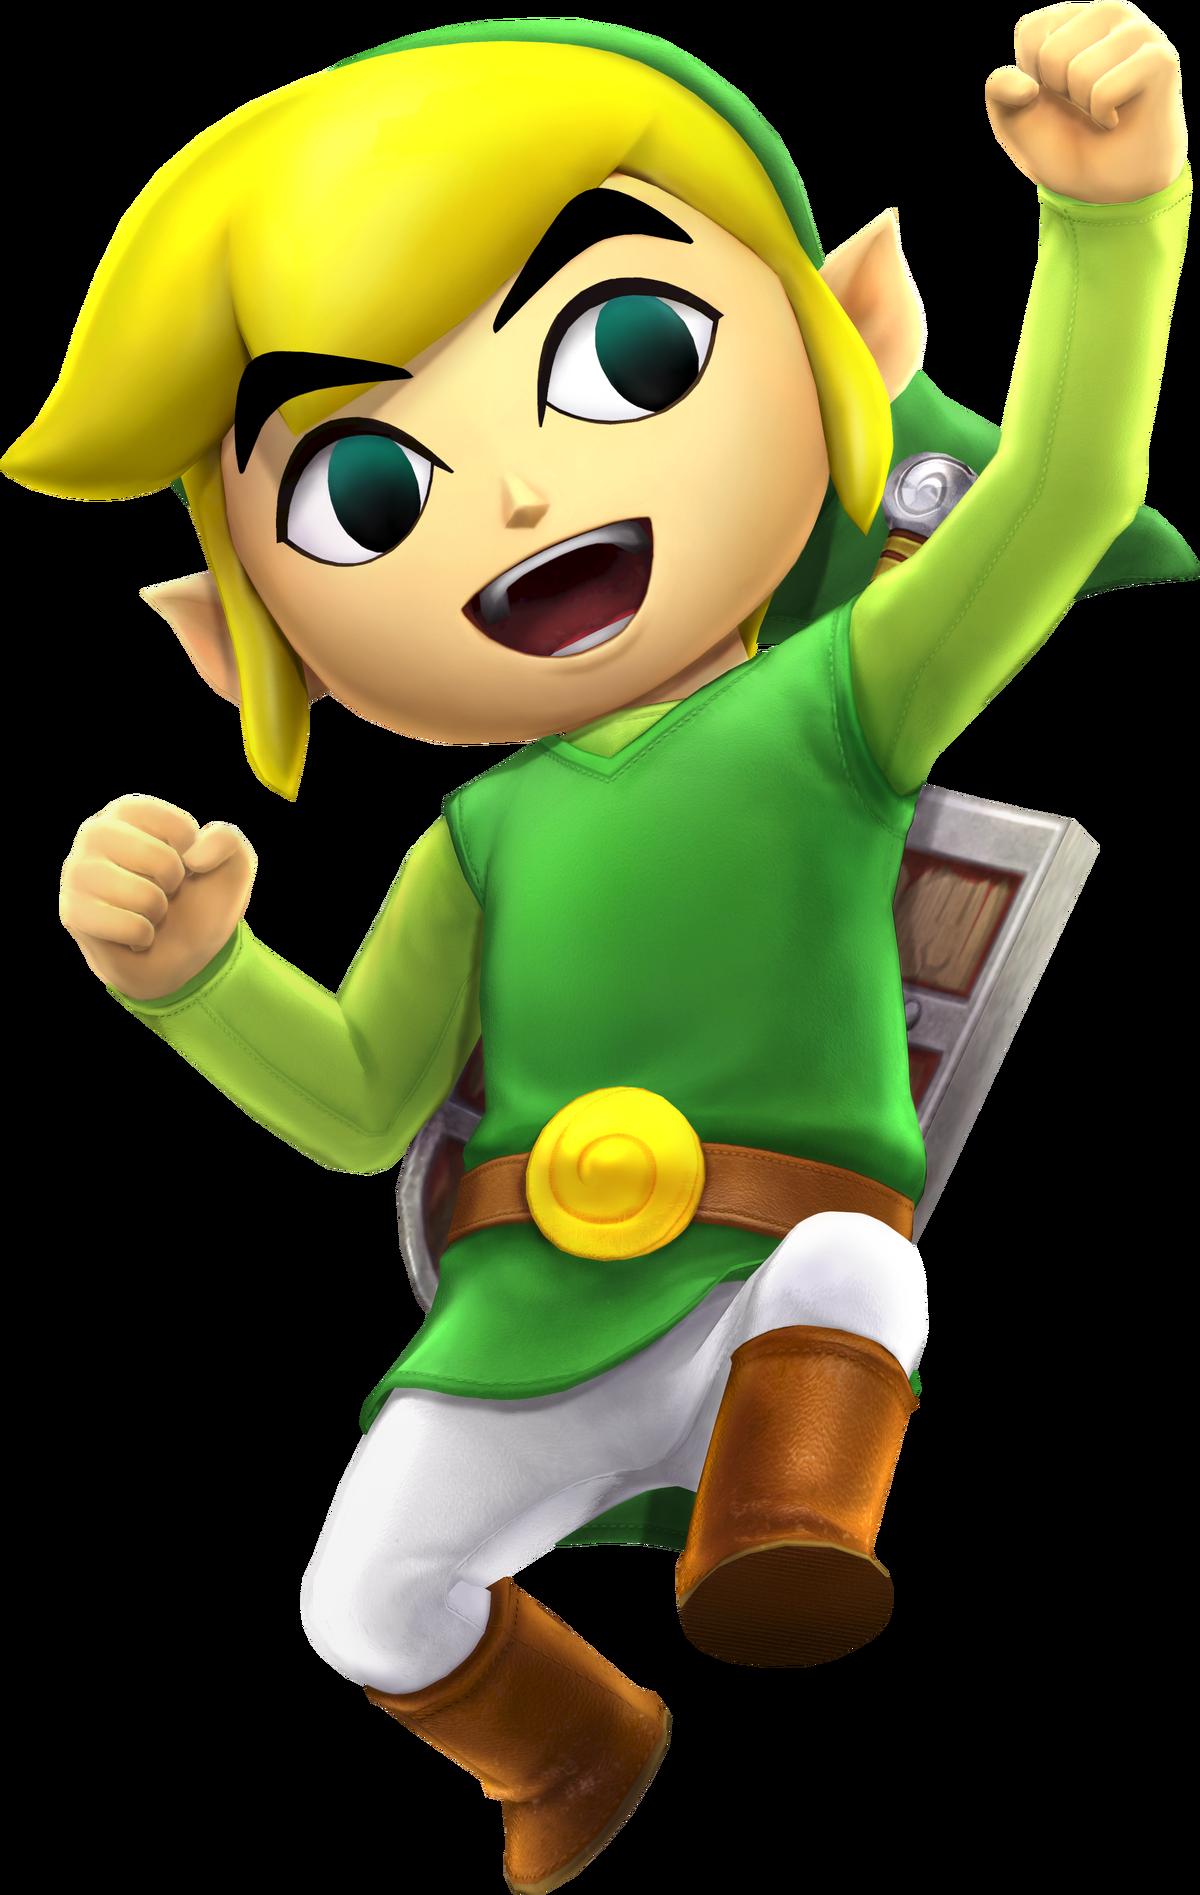 Toon Link - Zelda Wiki